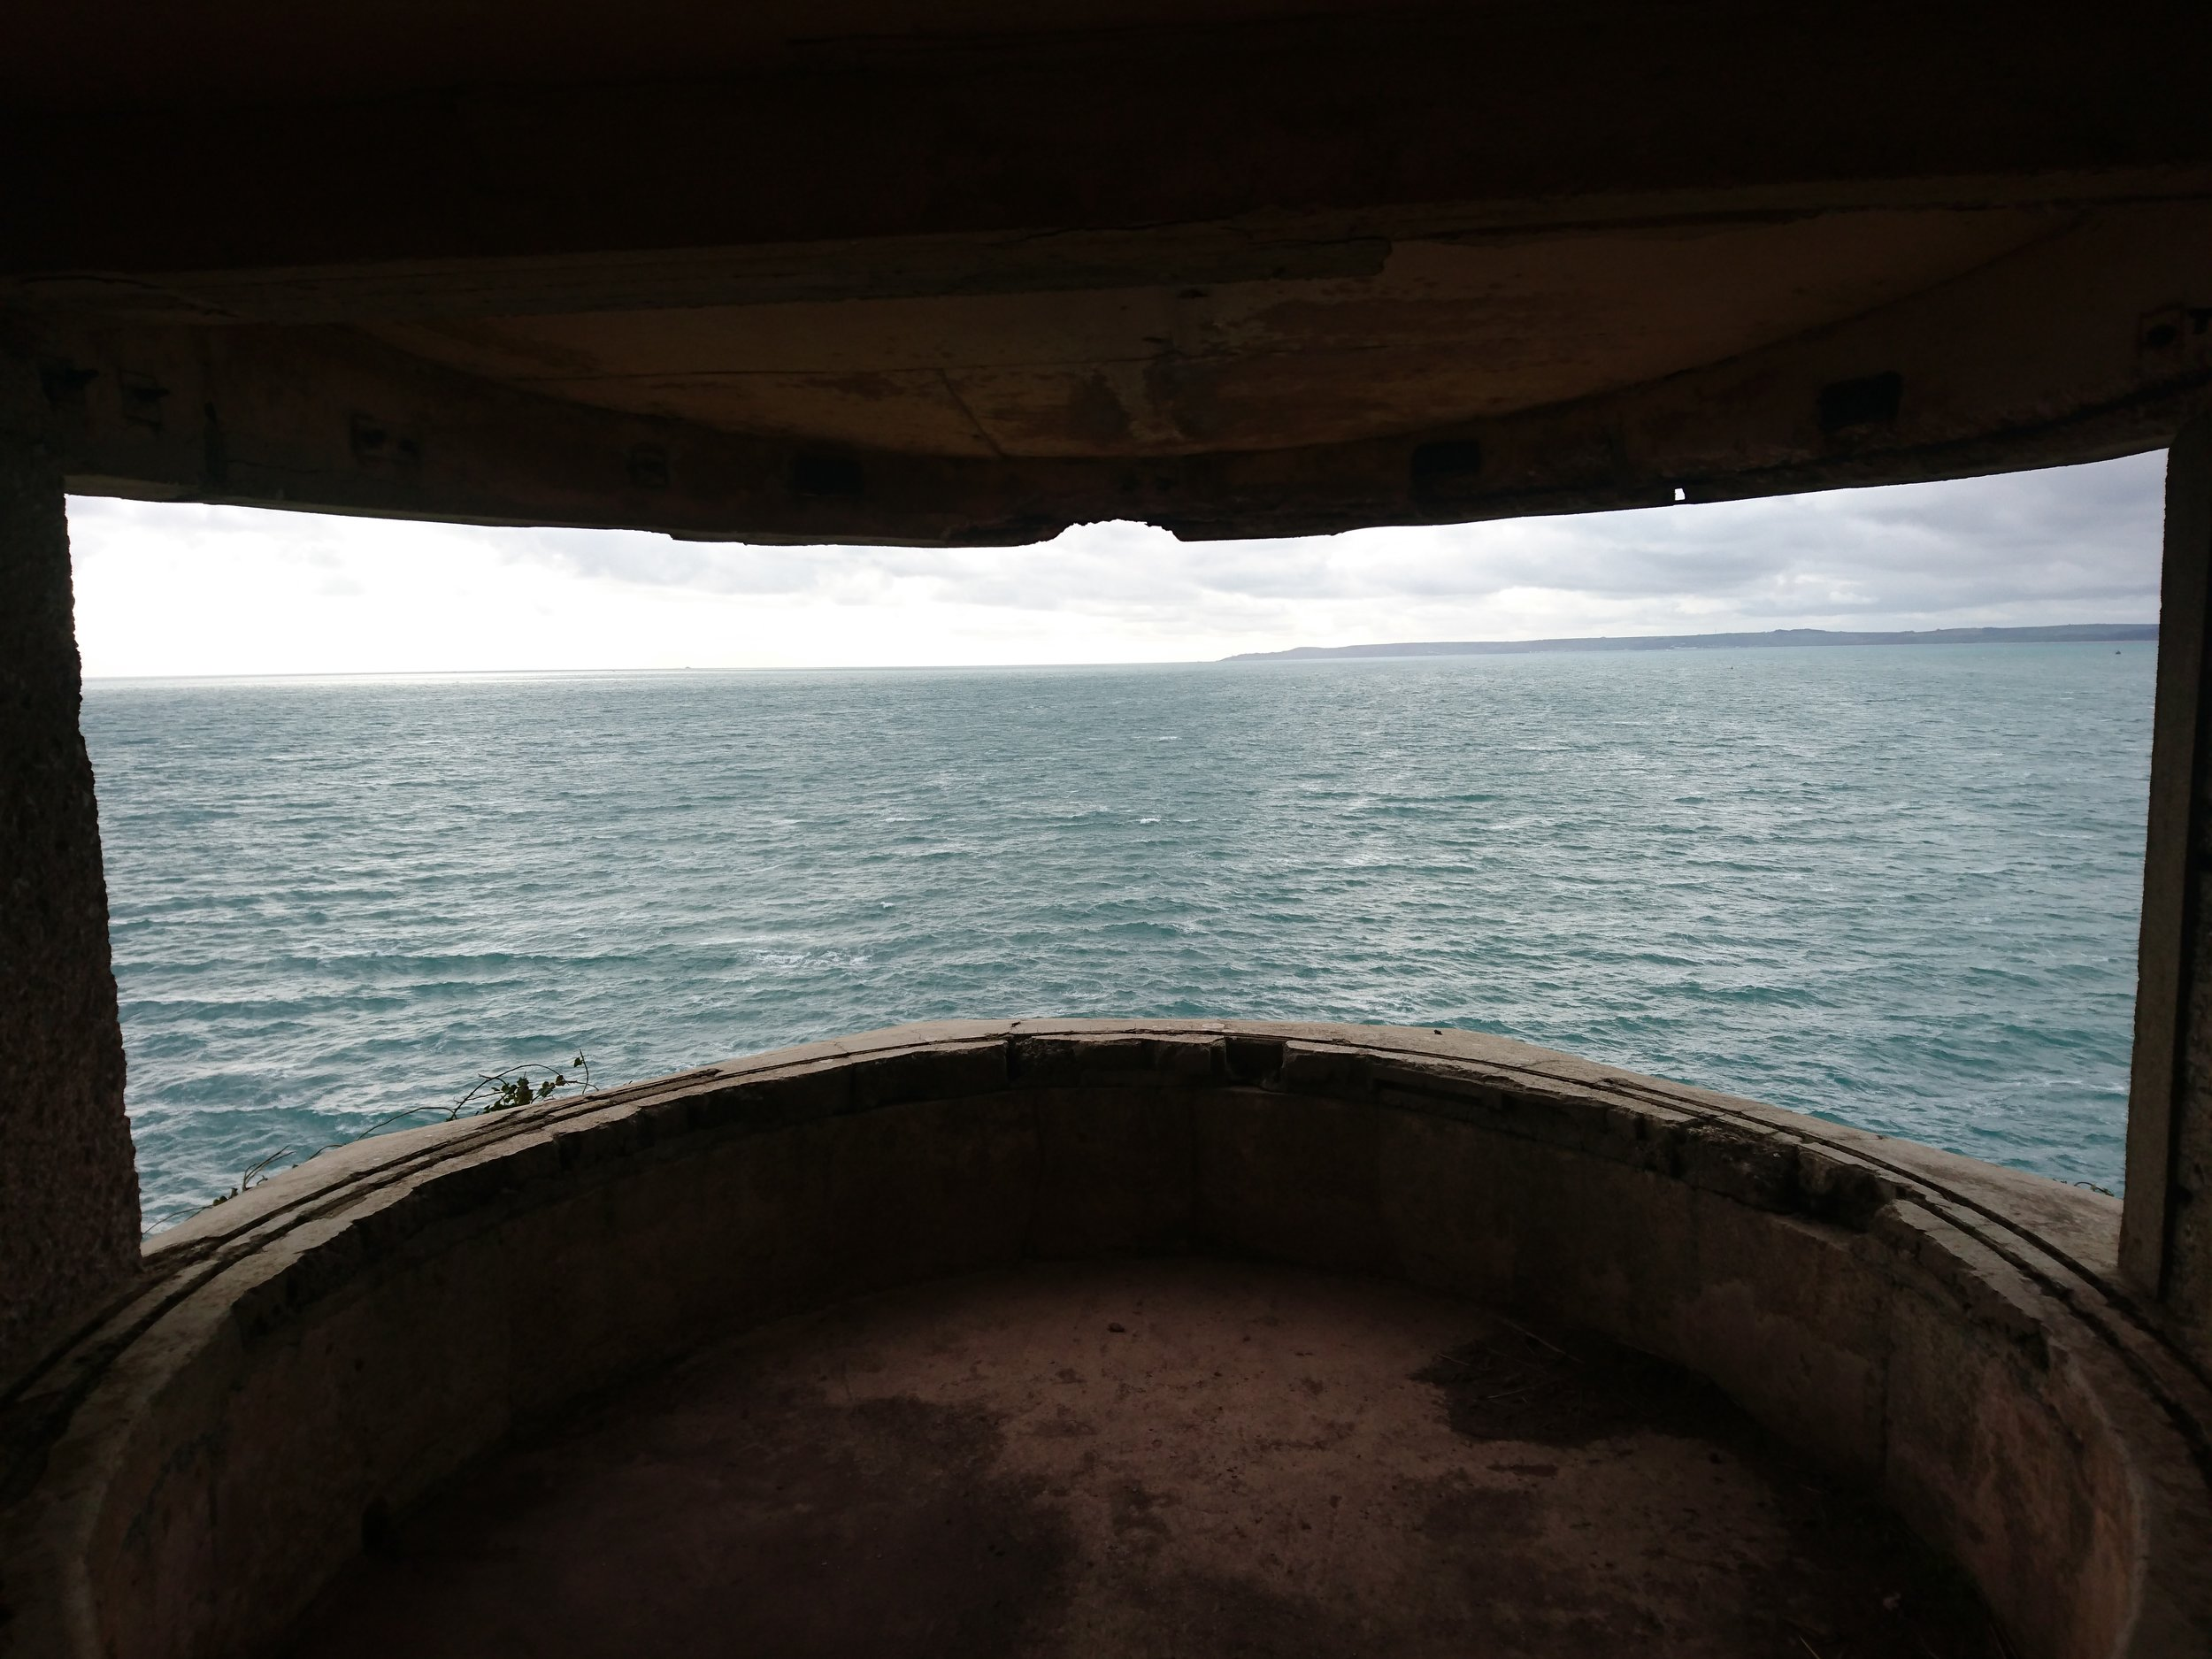 Pillbox View